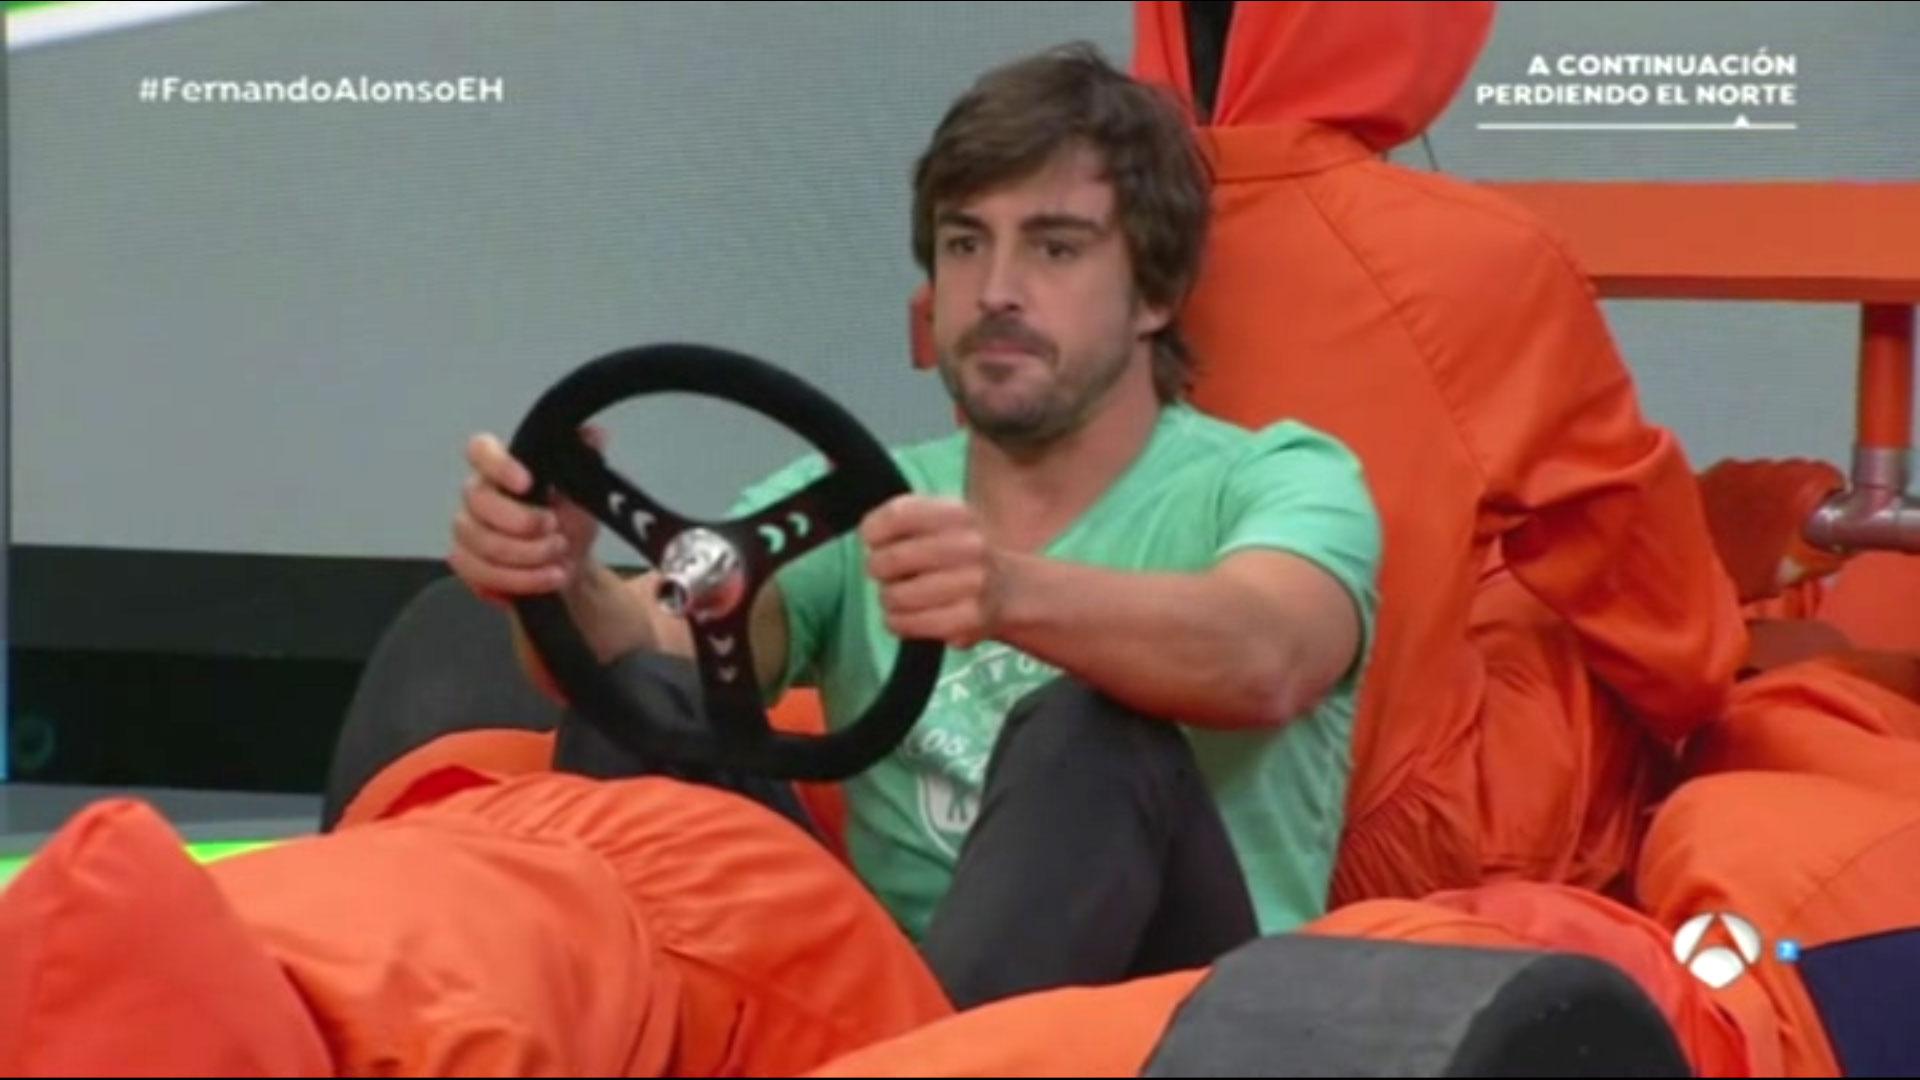 Alonso on El Hormiguerdo